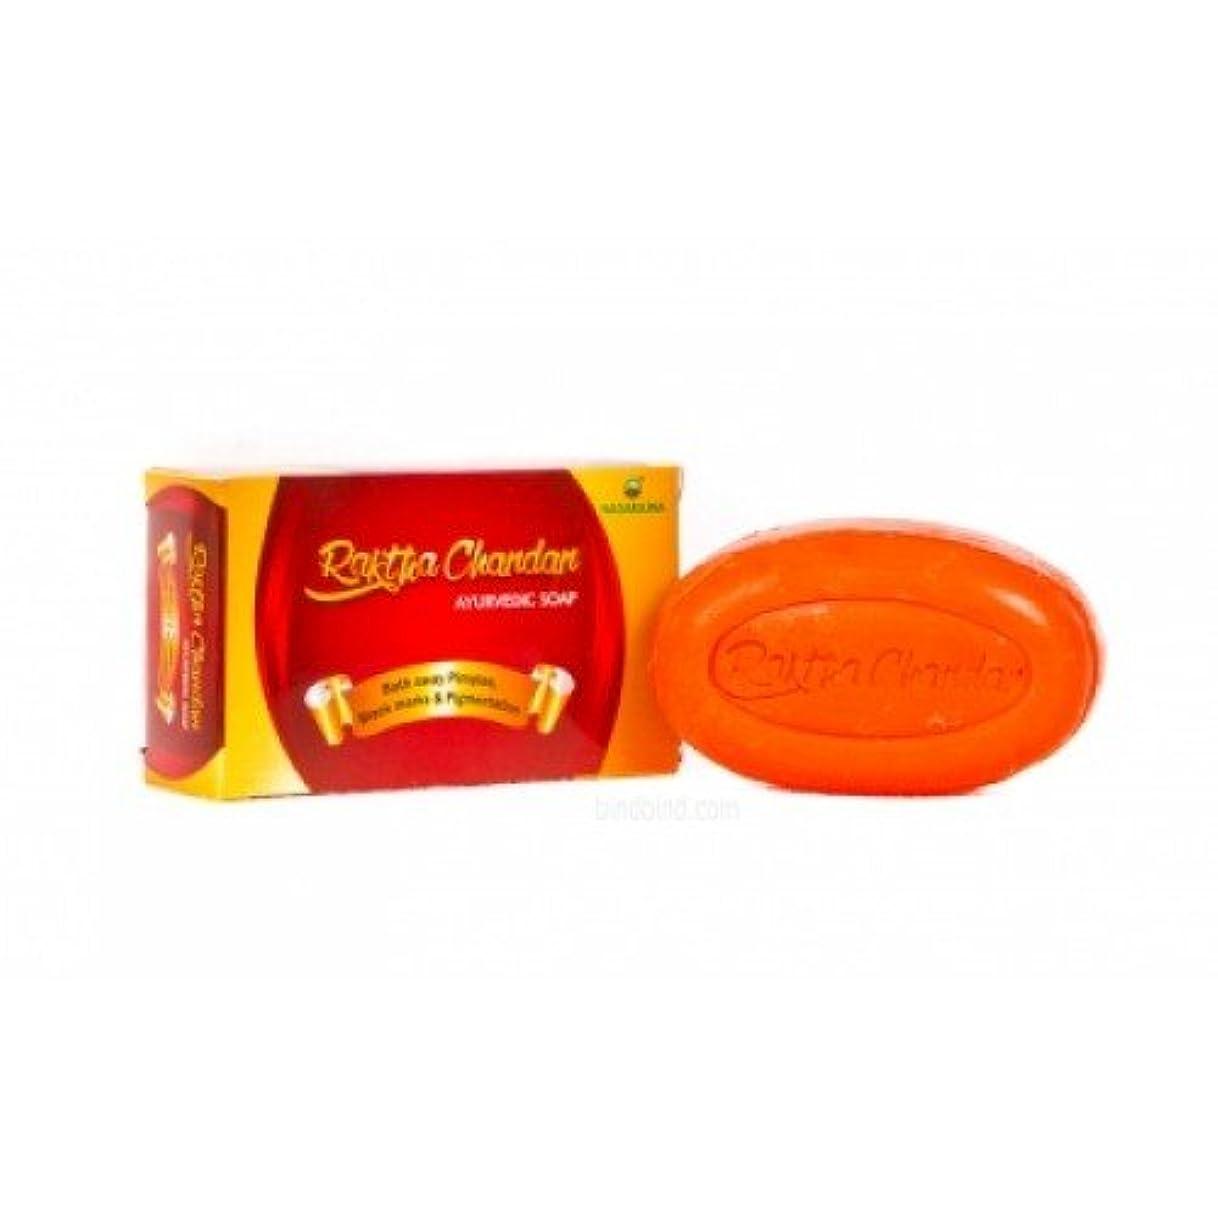 バルーン平行なだめるNagarjuna Raktha Chandan Ayurvedic Soap Best For Glowing Skin